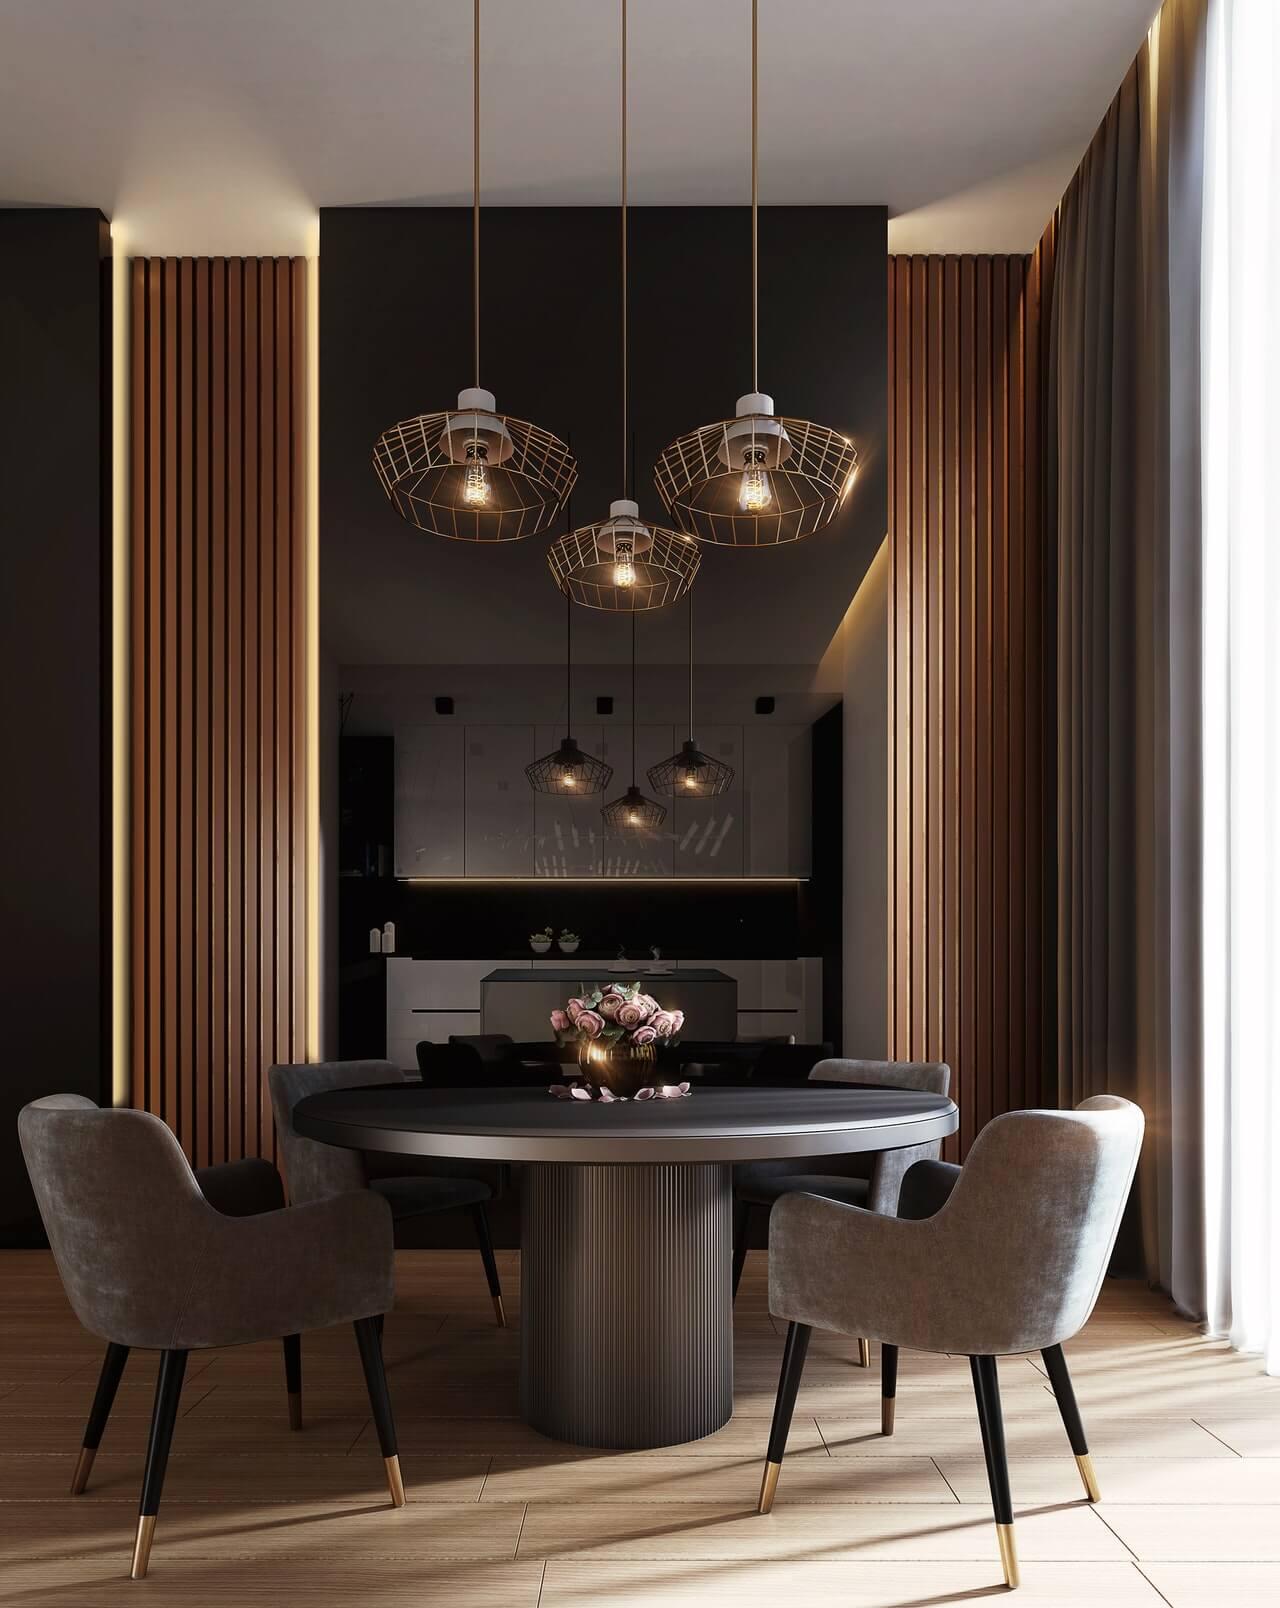 ¿Cuál es tu estilo de decoración en la mesa?